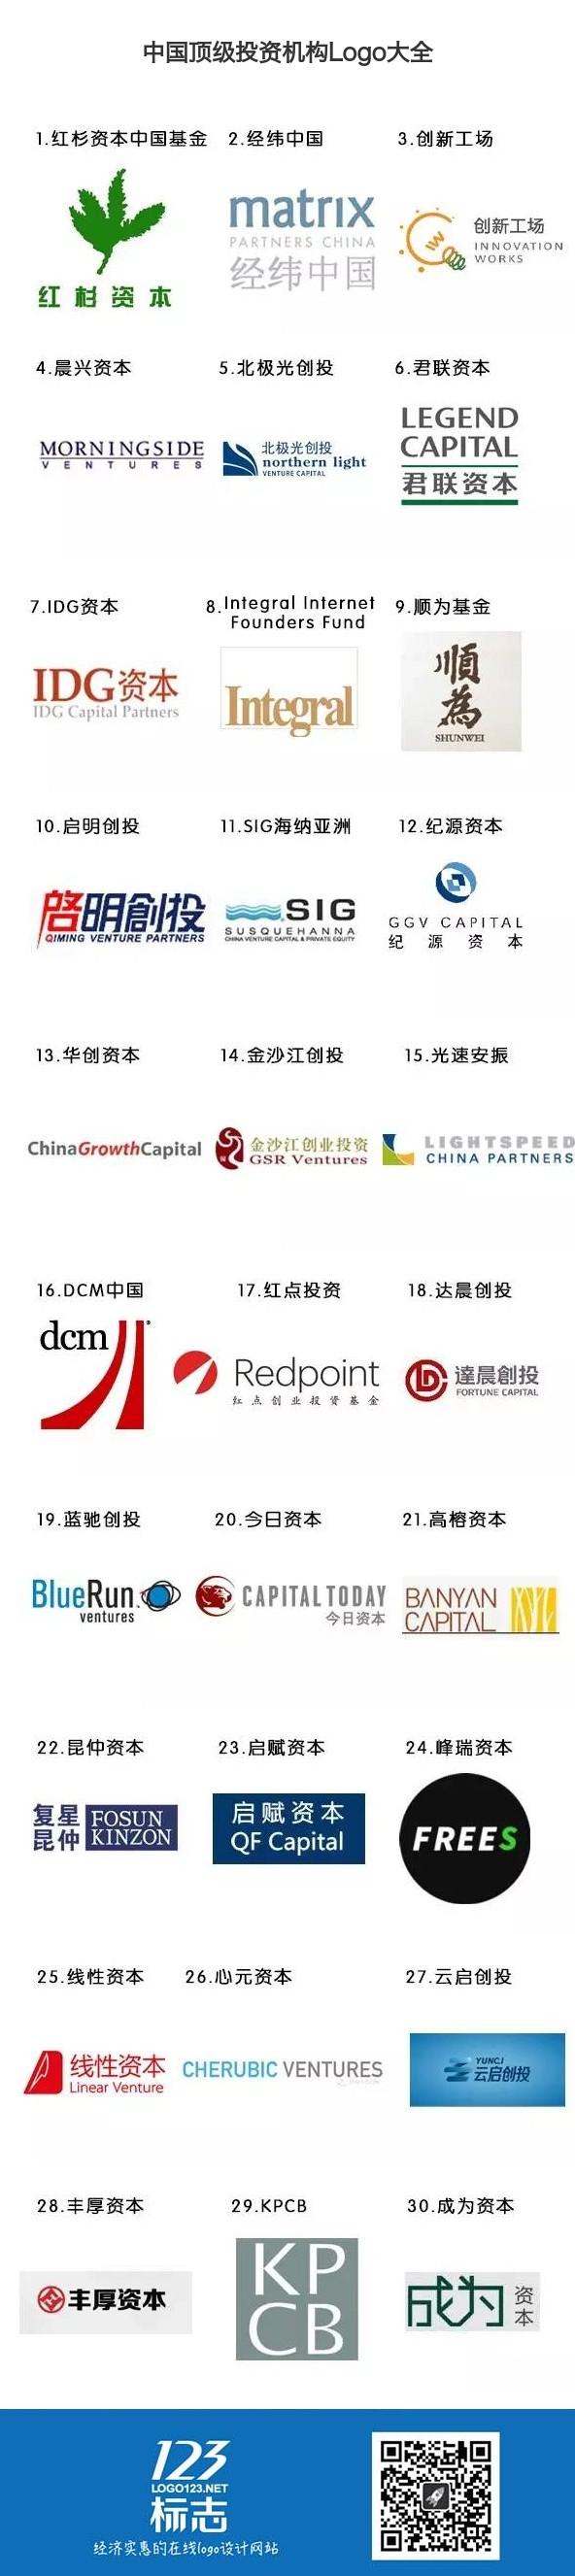 中国顶级投资机构Logo大全